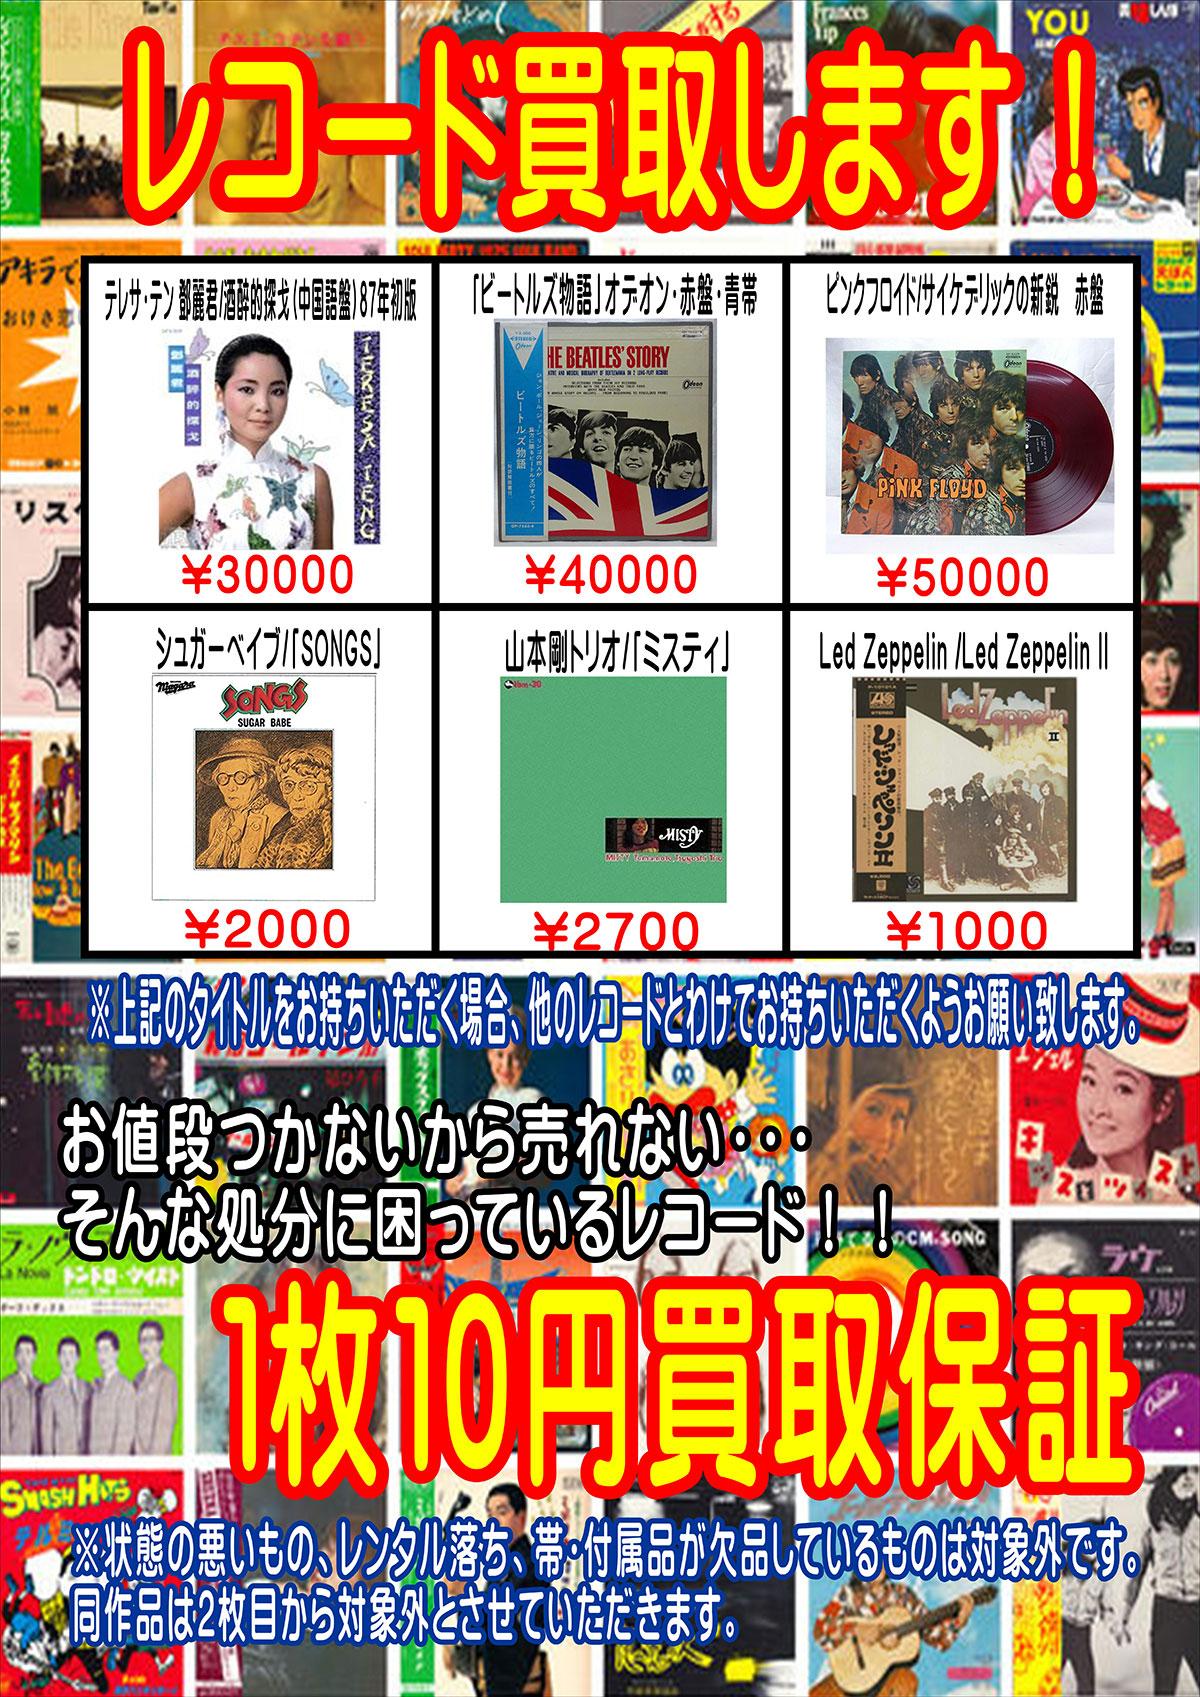 レコード1枚10円買取保証